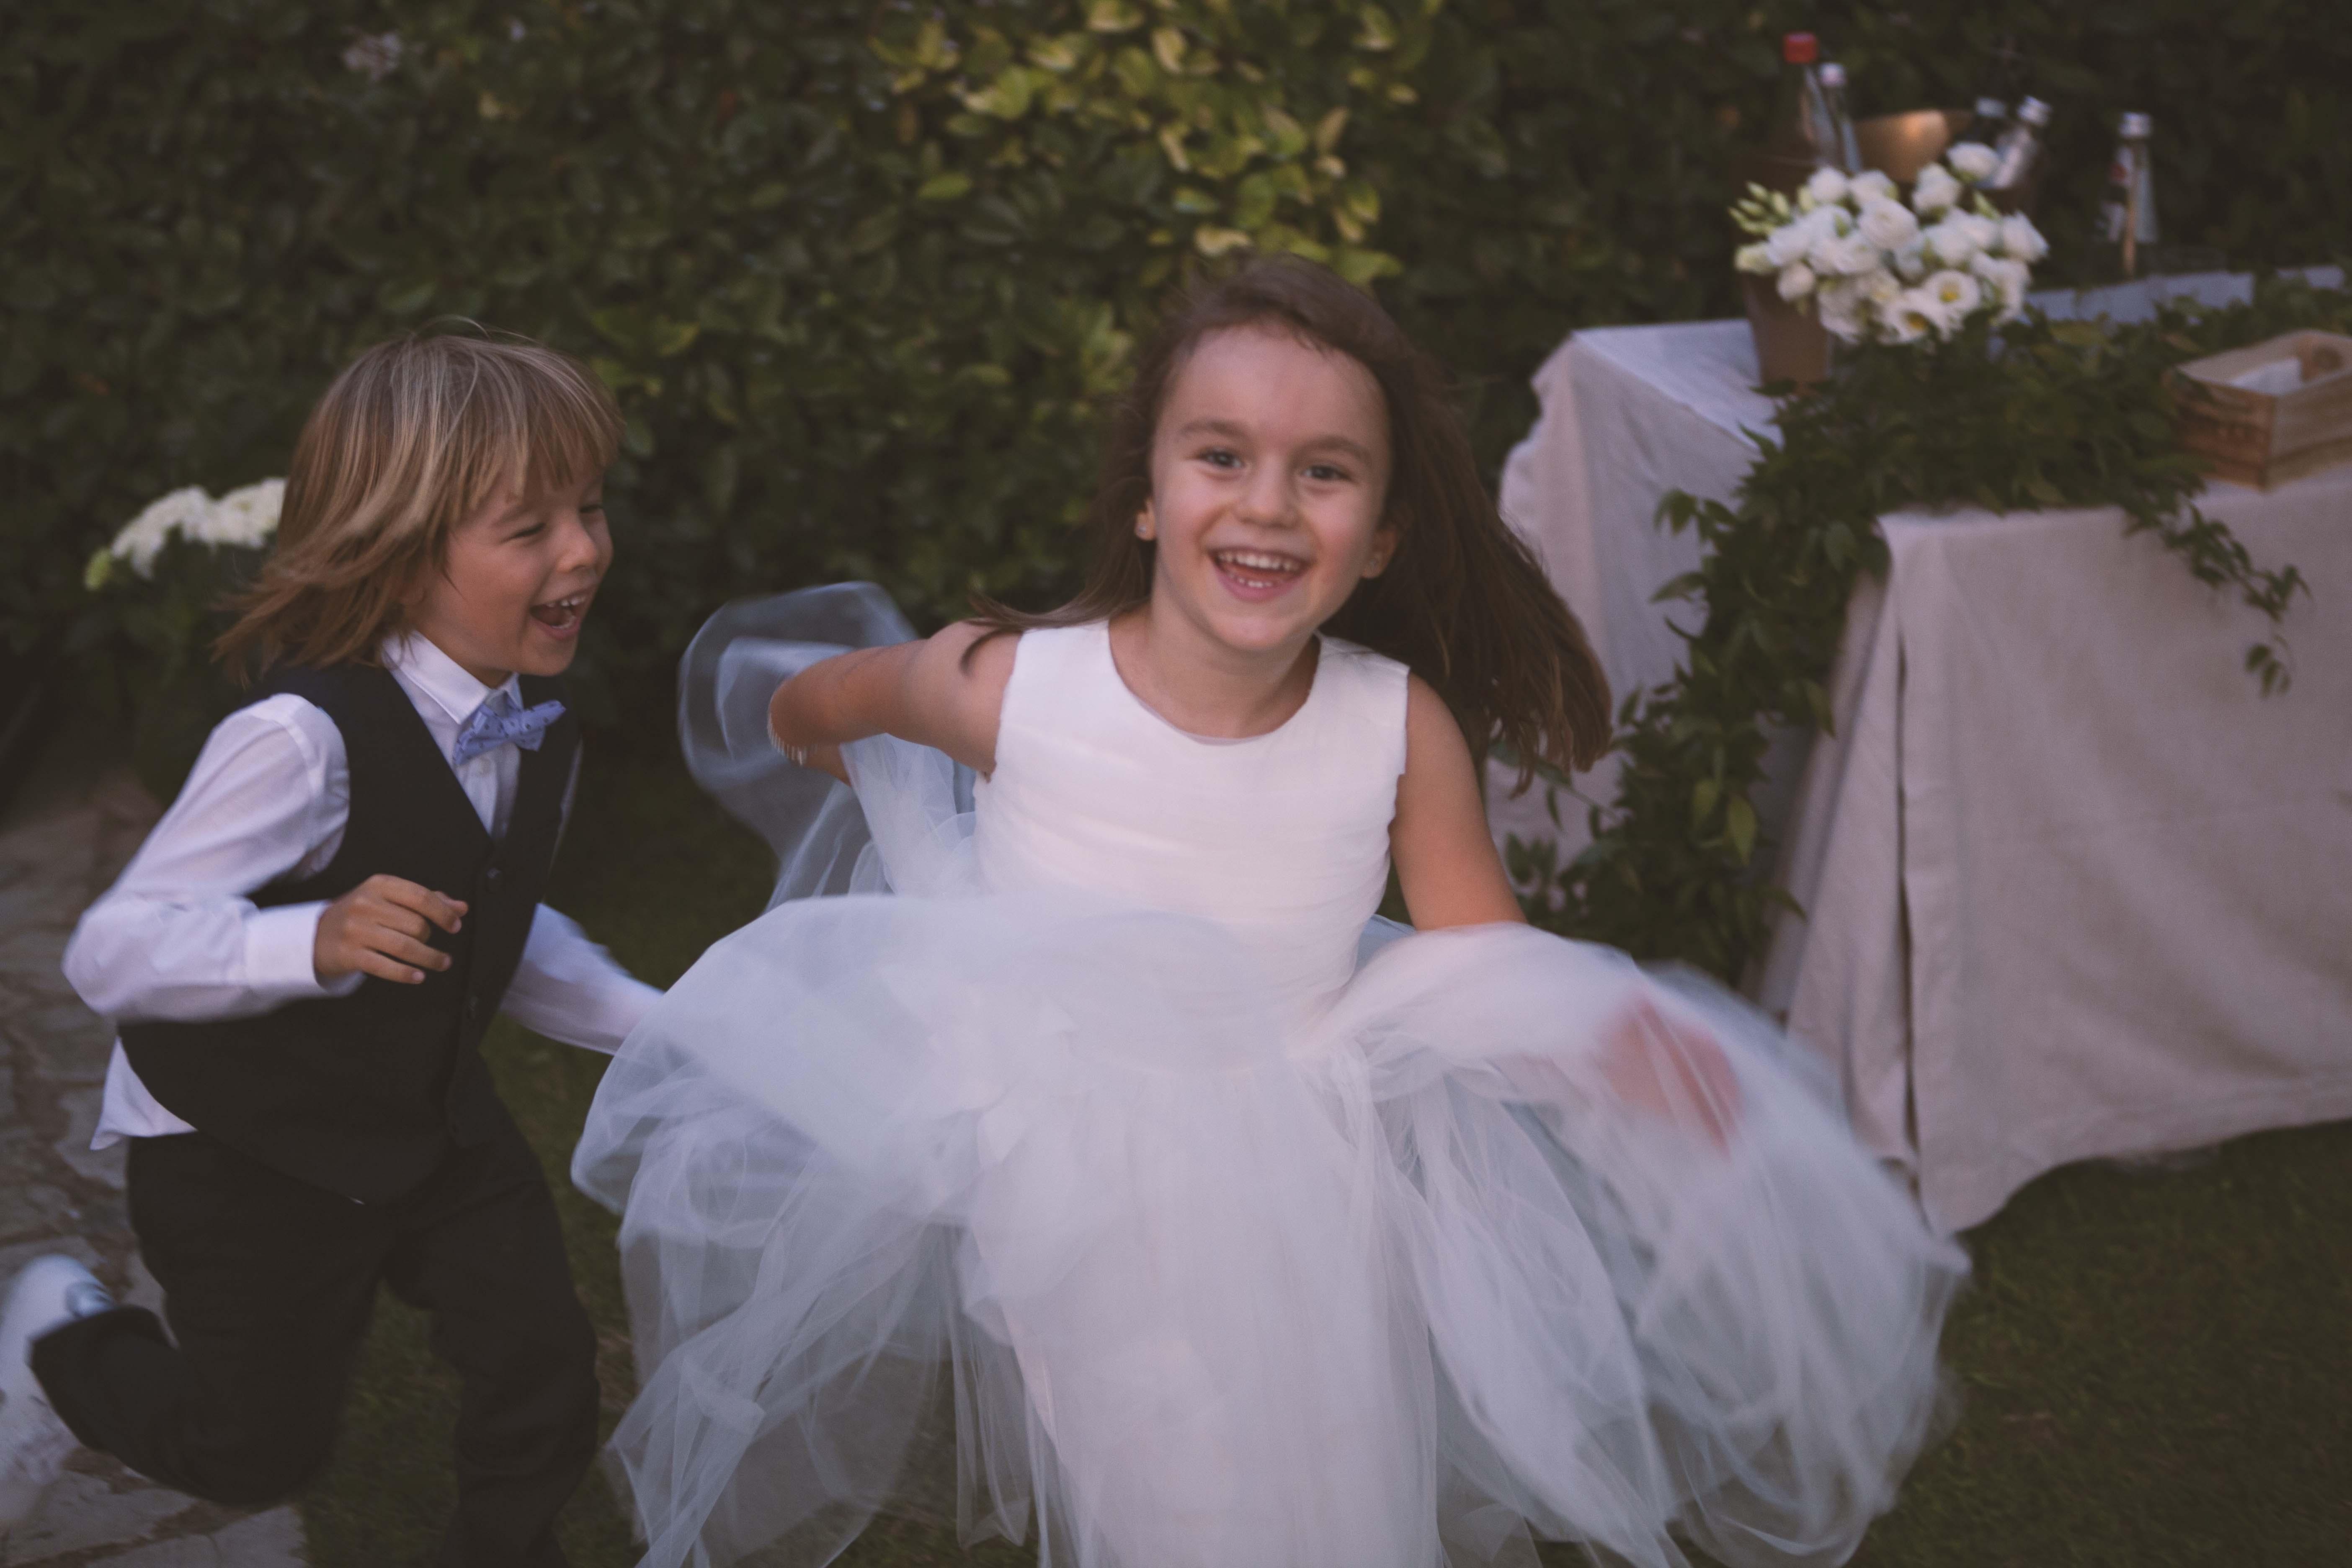 My happy wedding, matrimonio, fotografo di matrimonio, offerta matrimonio, sconto matrimonio